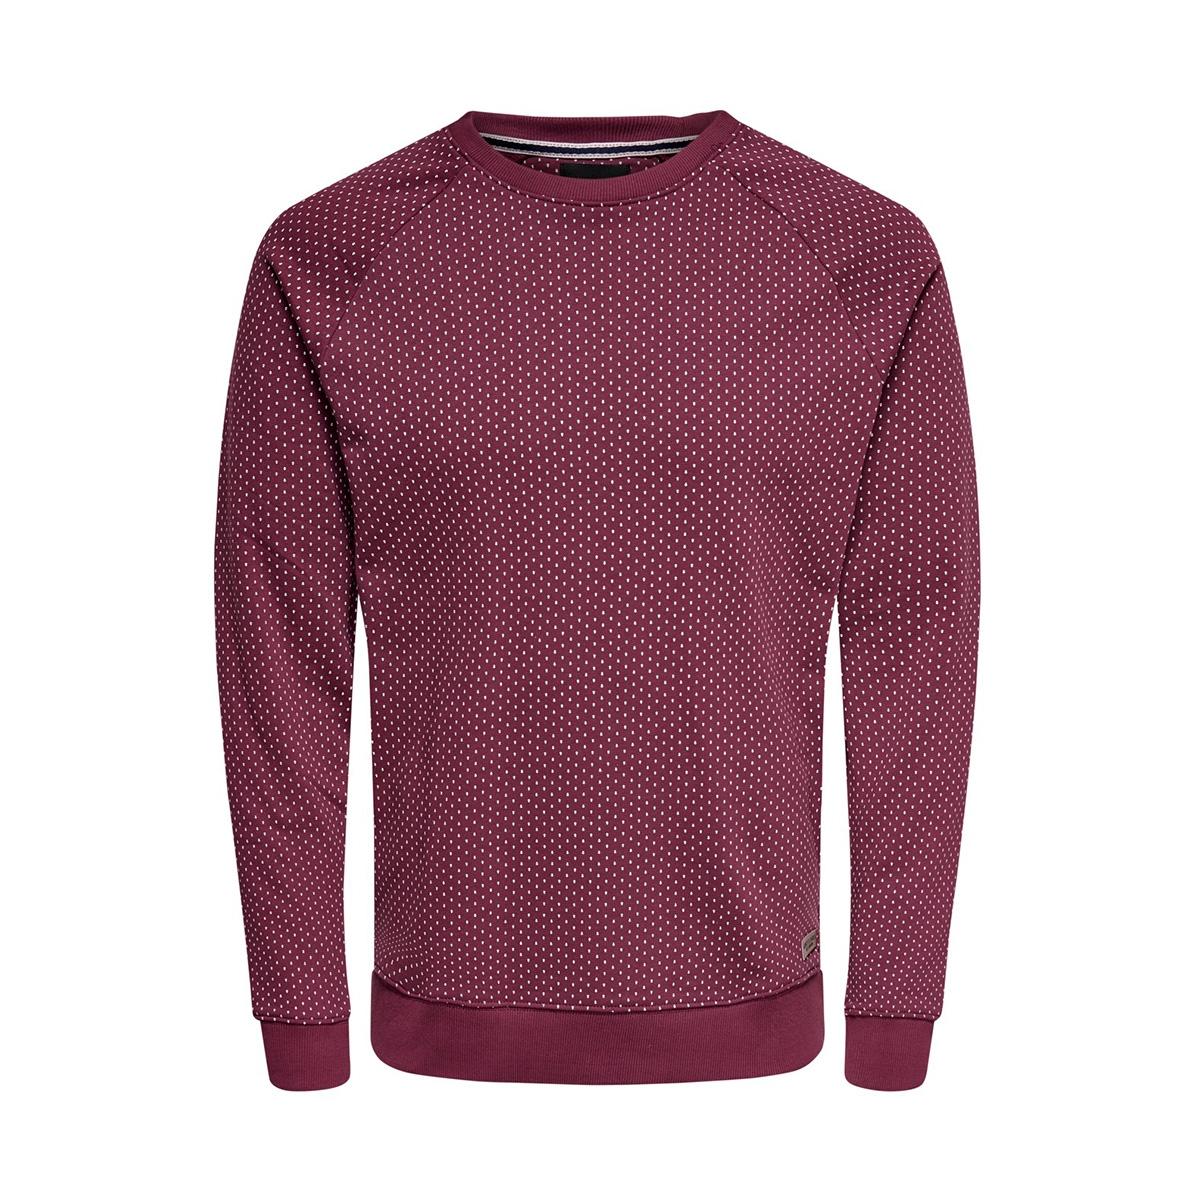 onskean aop crew neck sweat 22013930 only & sons sweater zinfandel